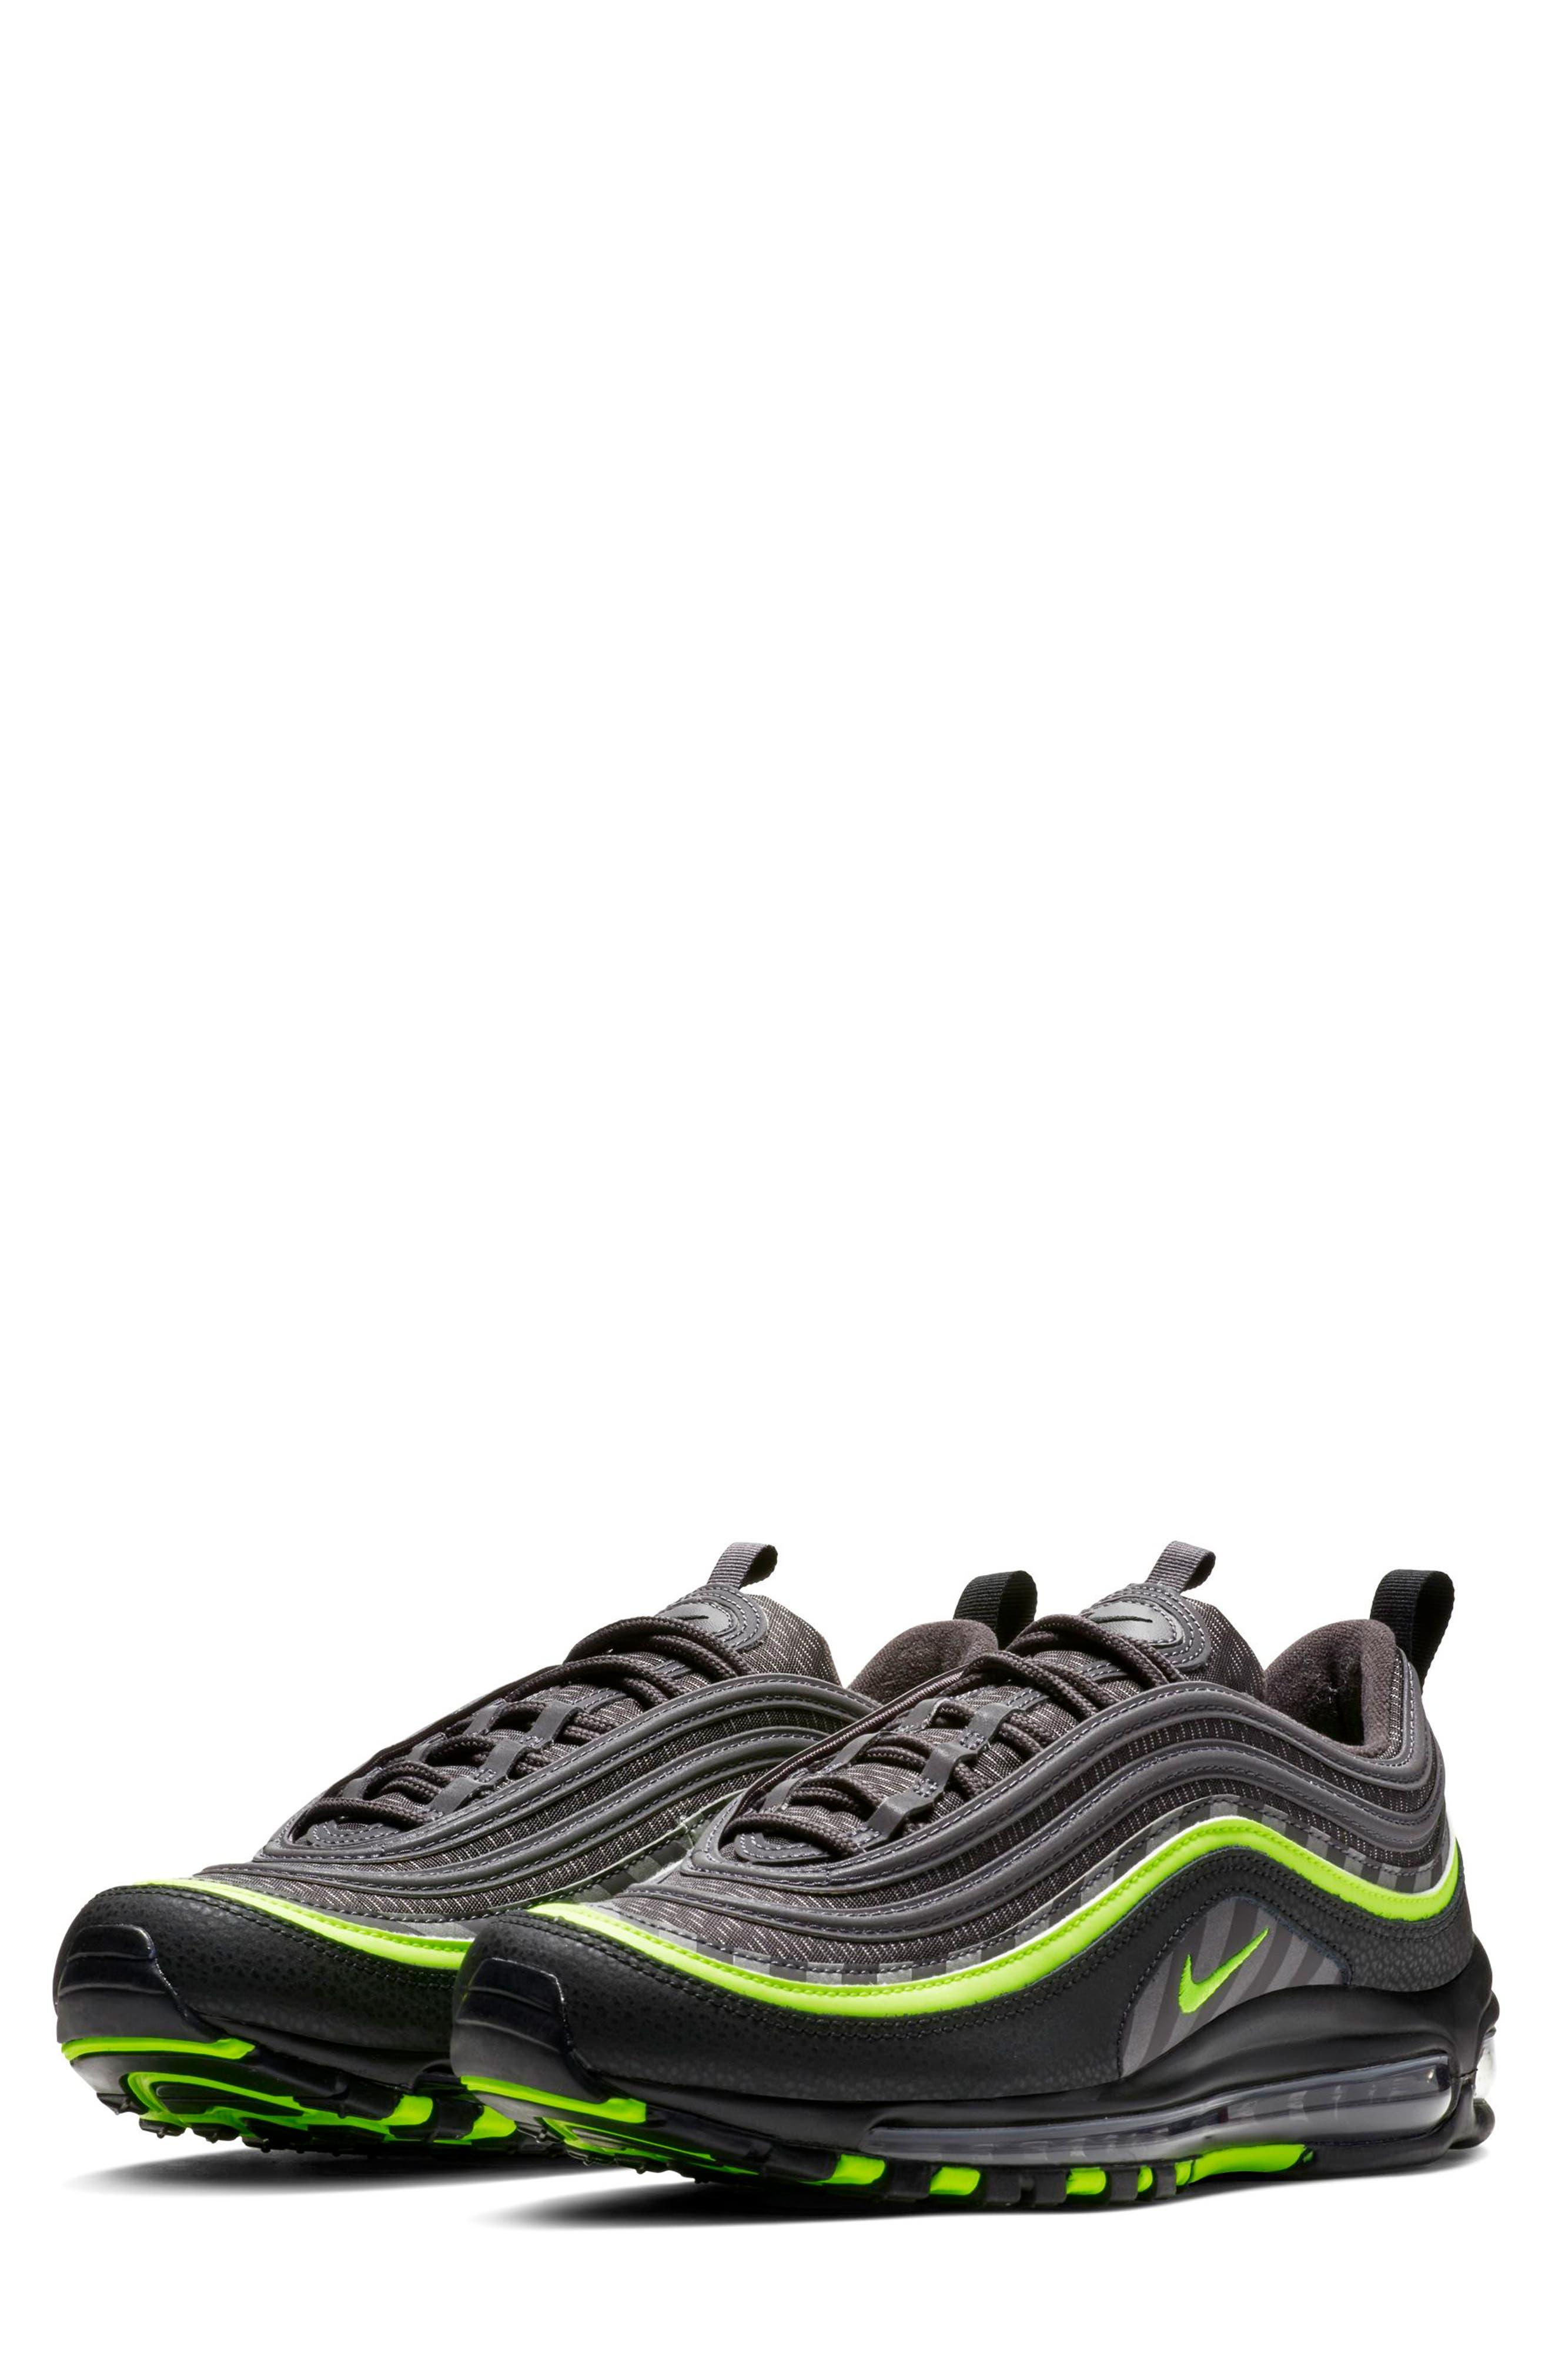 Air Max 97 Sneaker,                             Main thumbnail 1, color,                             THUNDER GREY/ LIME/ BLACK